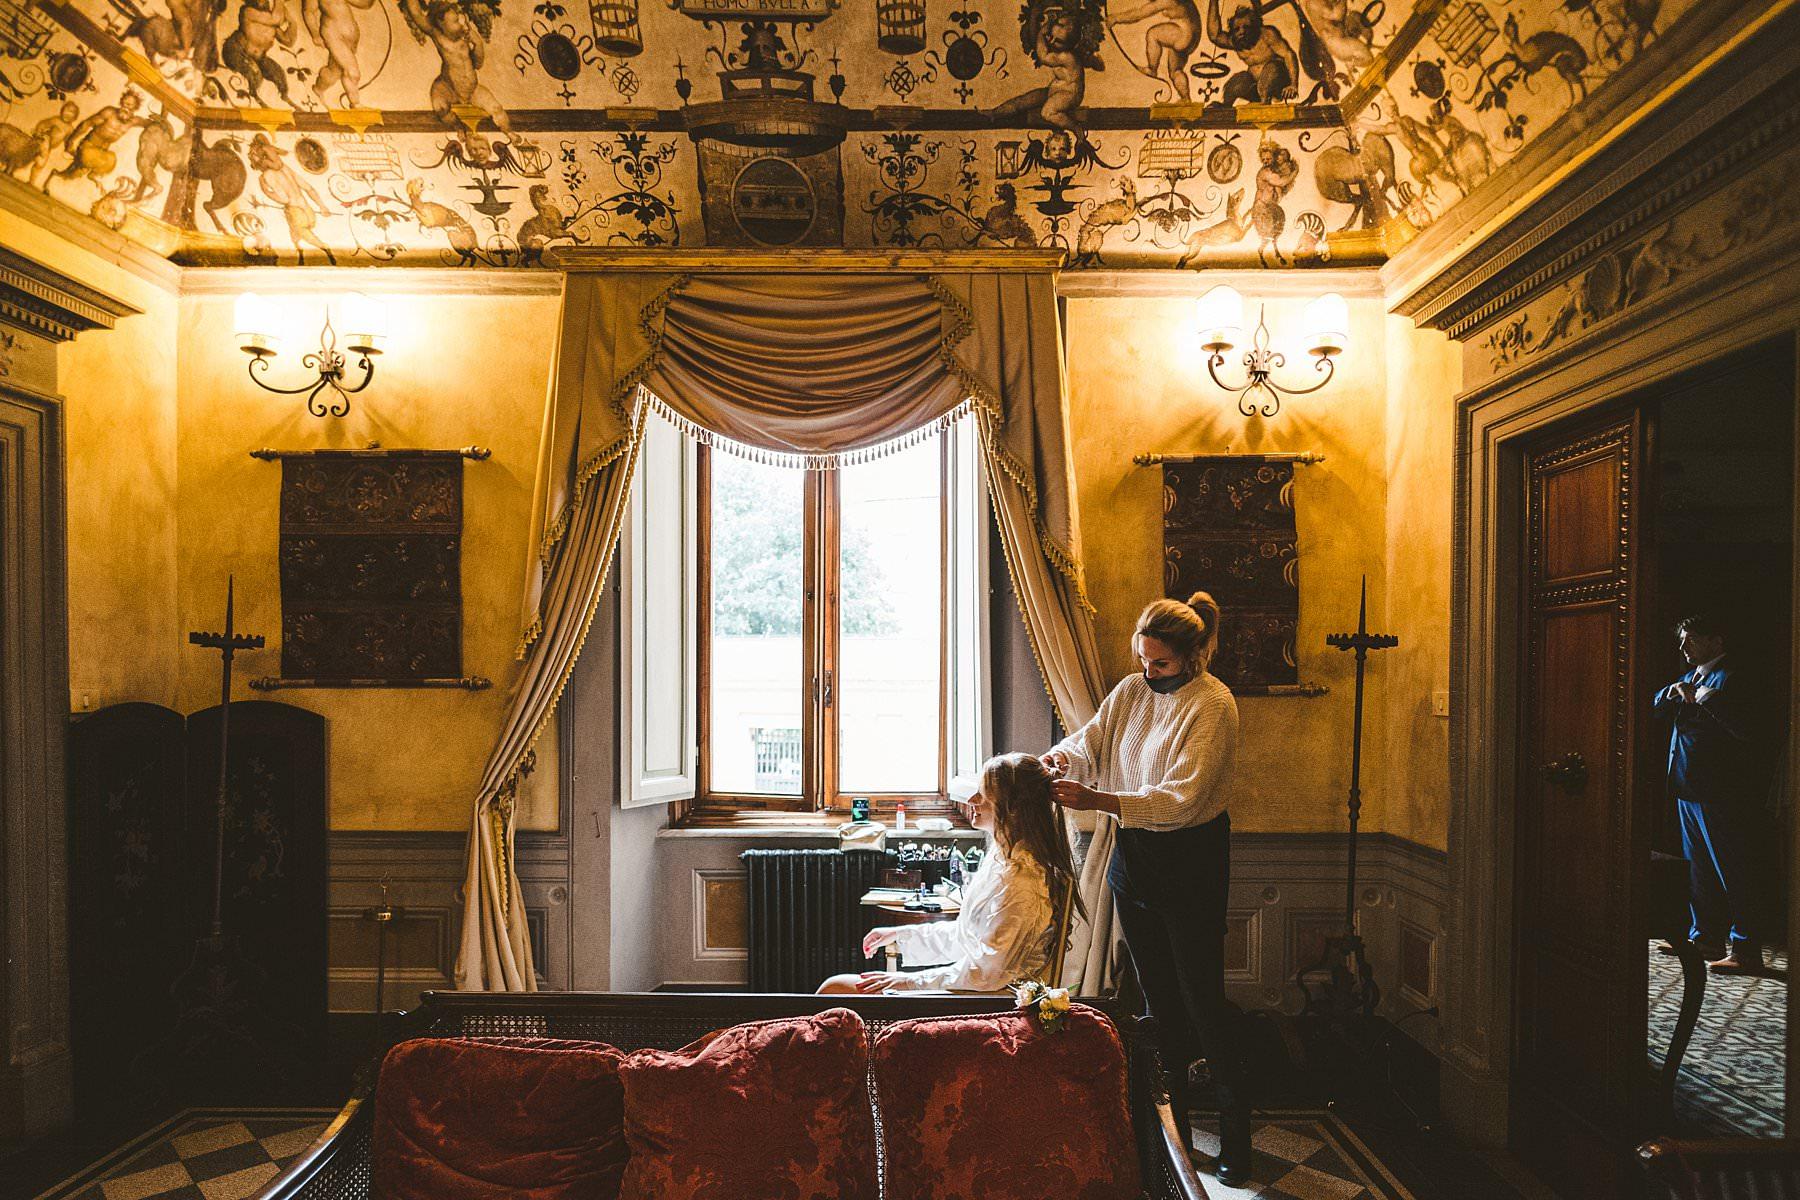 Bride-groom-elopement-intimate-getting-ready-Palazzo-Coli-Bizzarrini-Siena